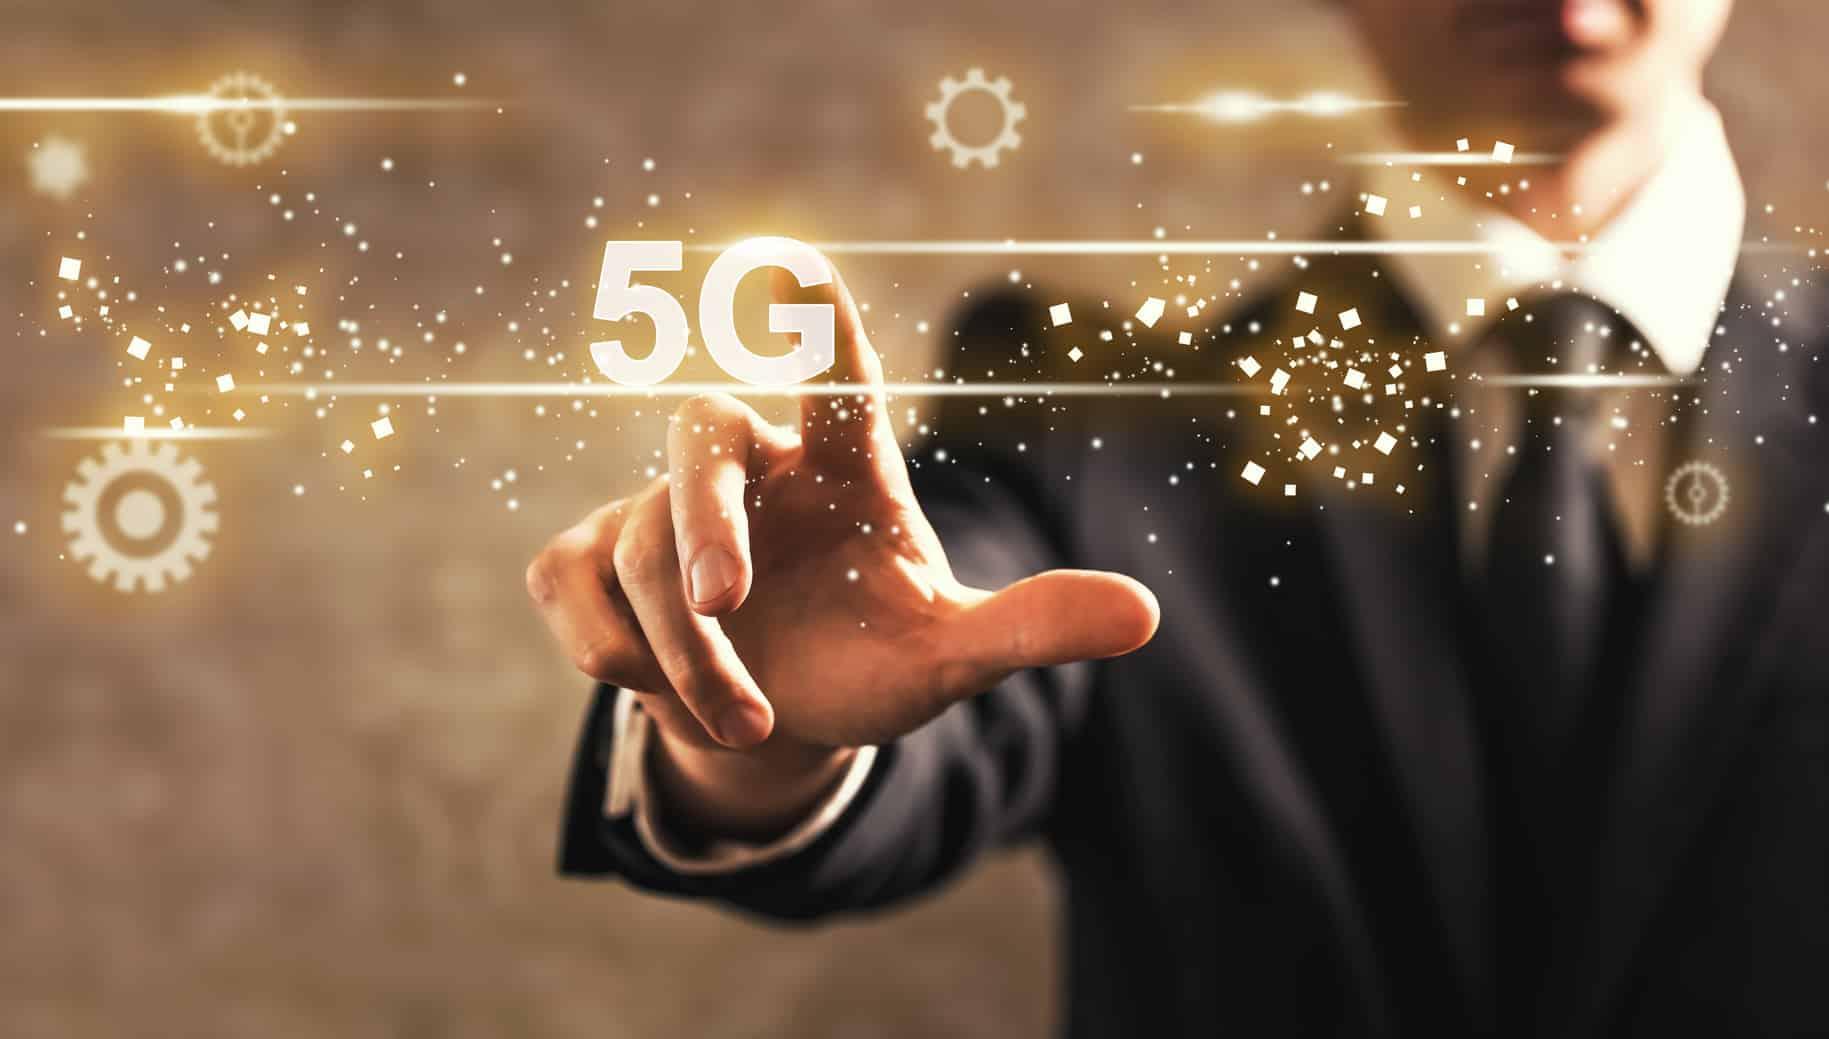 Con el espectro asignado en esta licitación, los usuarios de estos operadores podrán tener servicios de banda ancha móvil de mayor velocidad y mejor calidad.